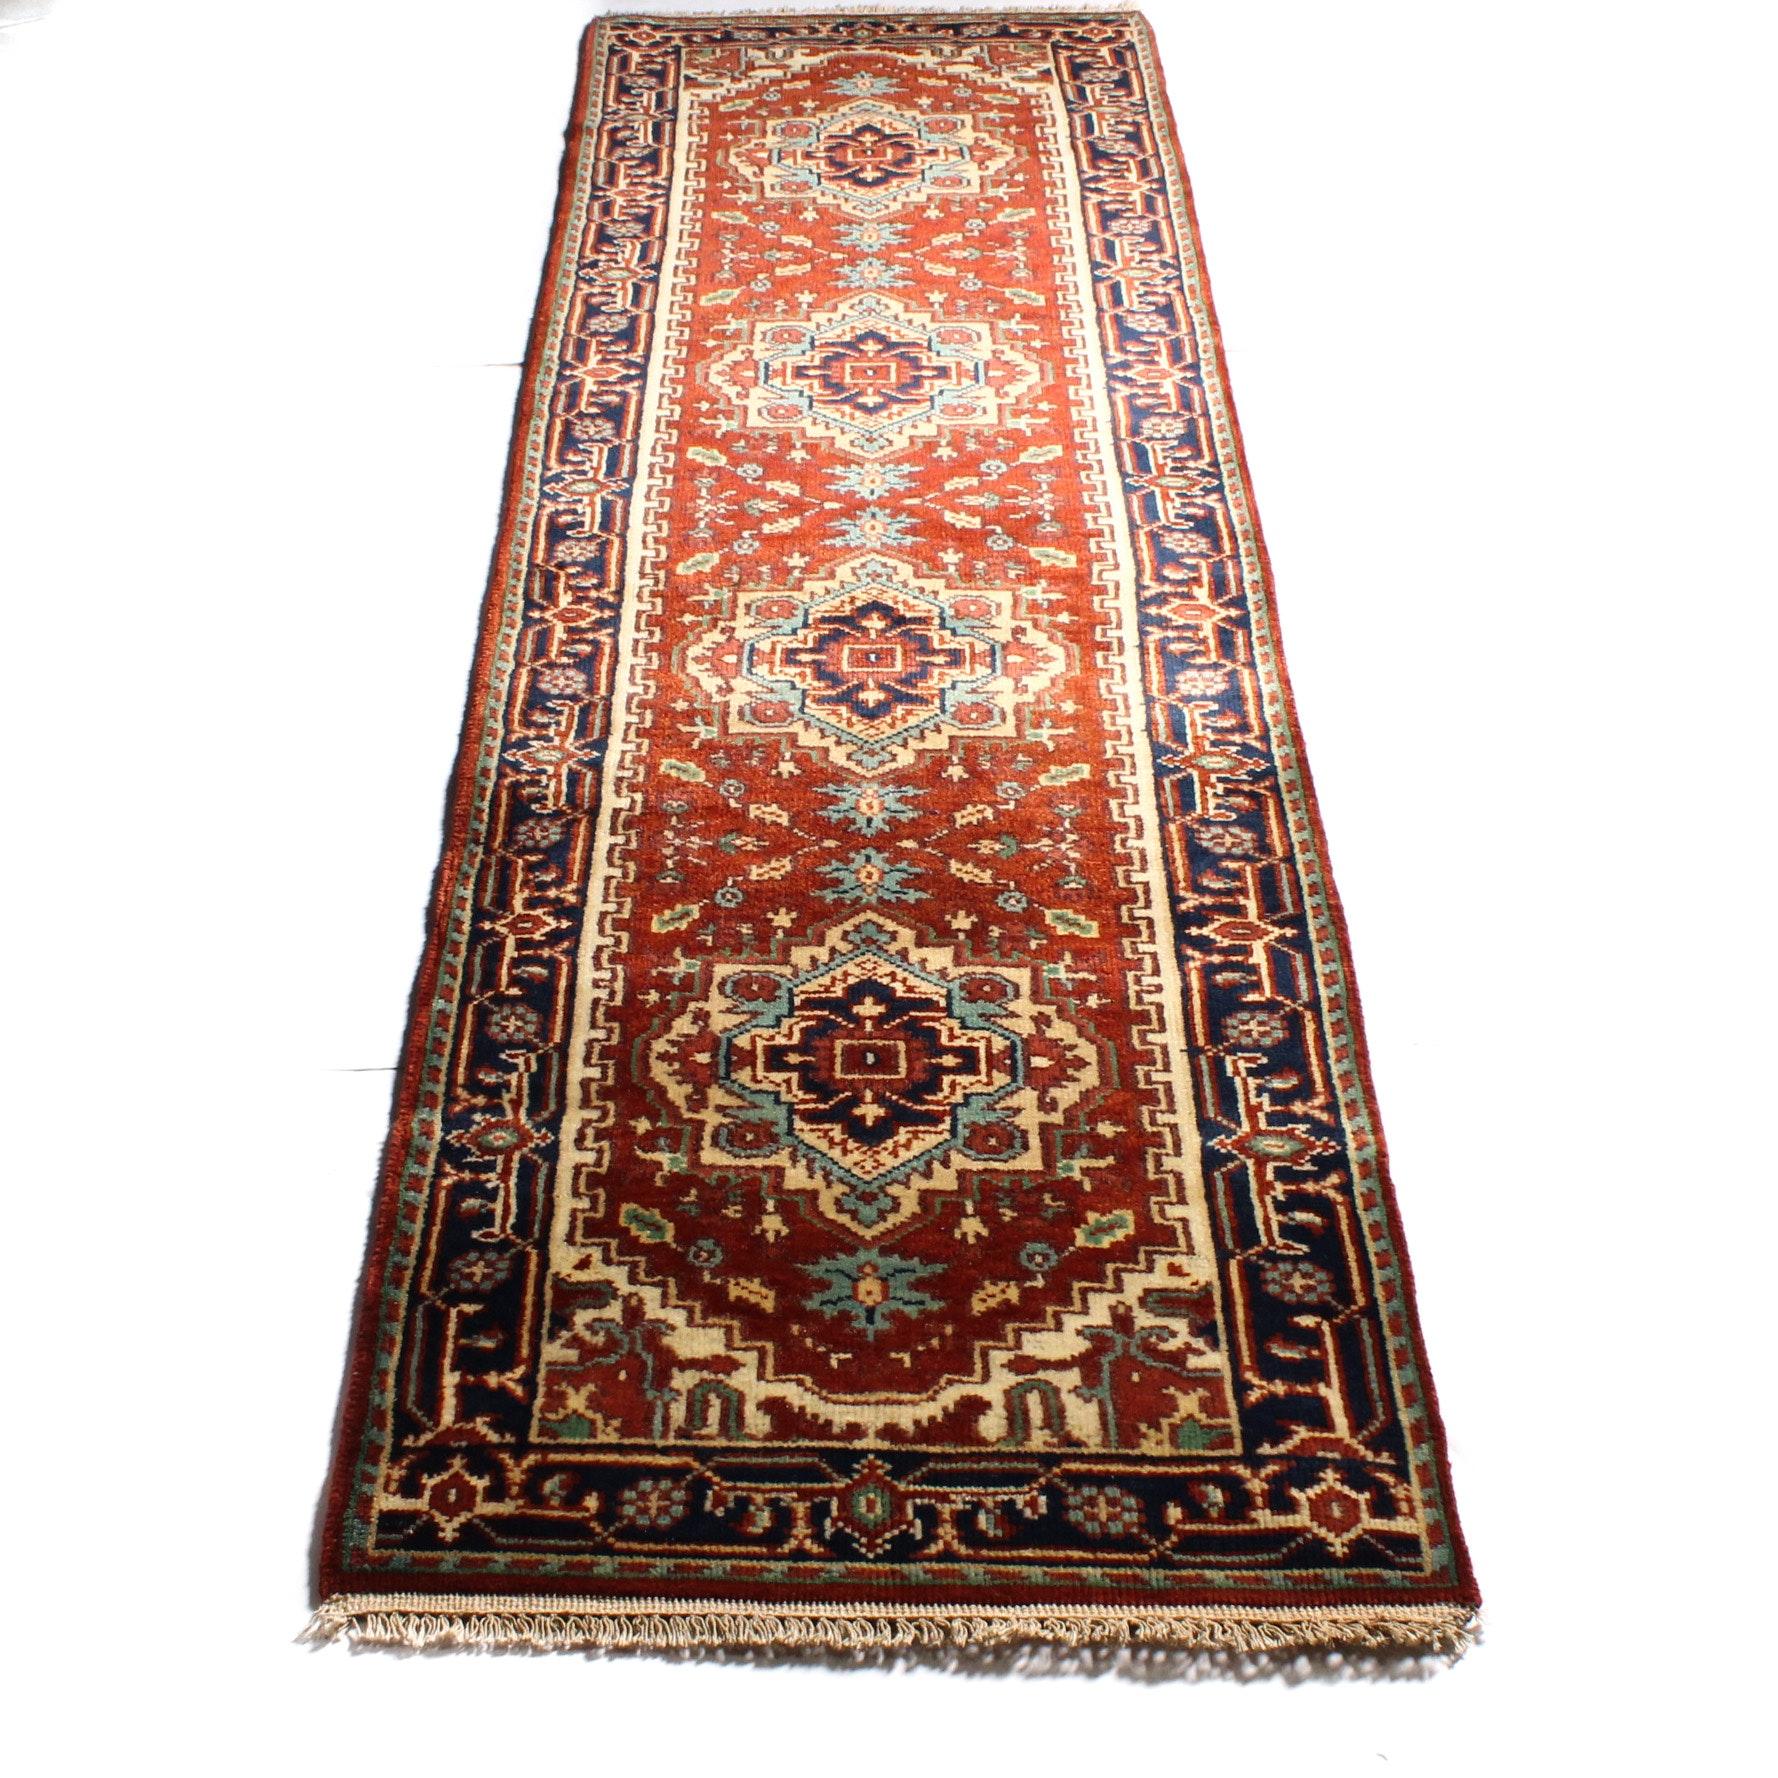 2'7 x 9'6 Hand-Knotted Indo-Persian Heriz Serapi Carpet Runner